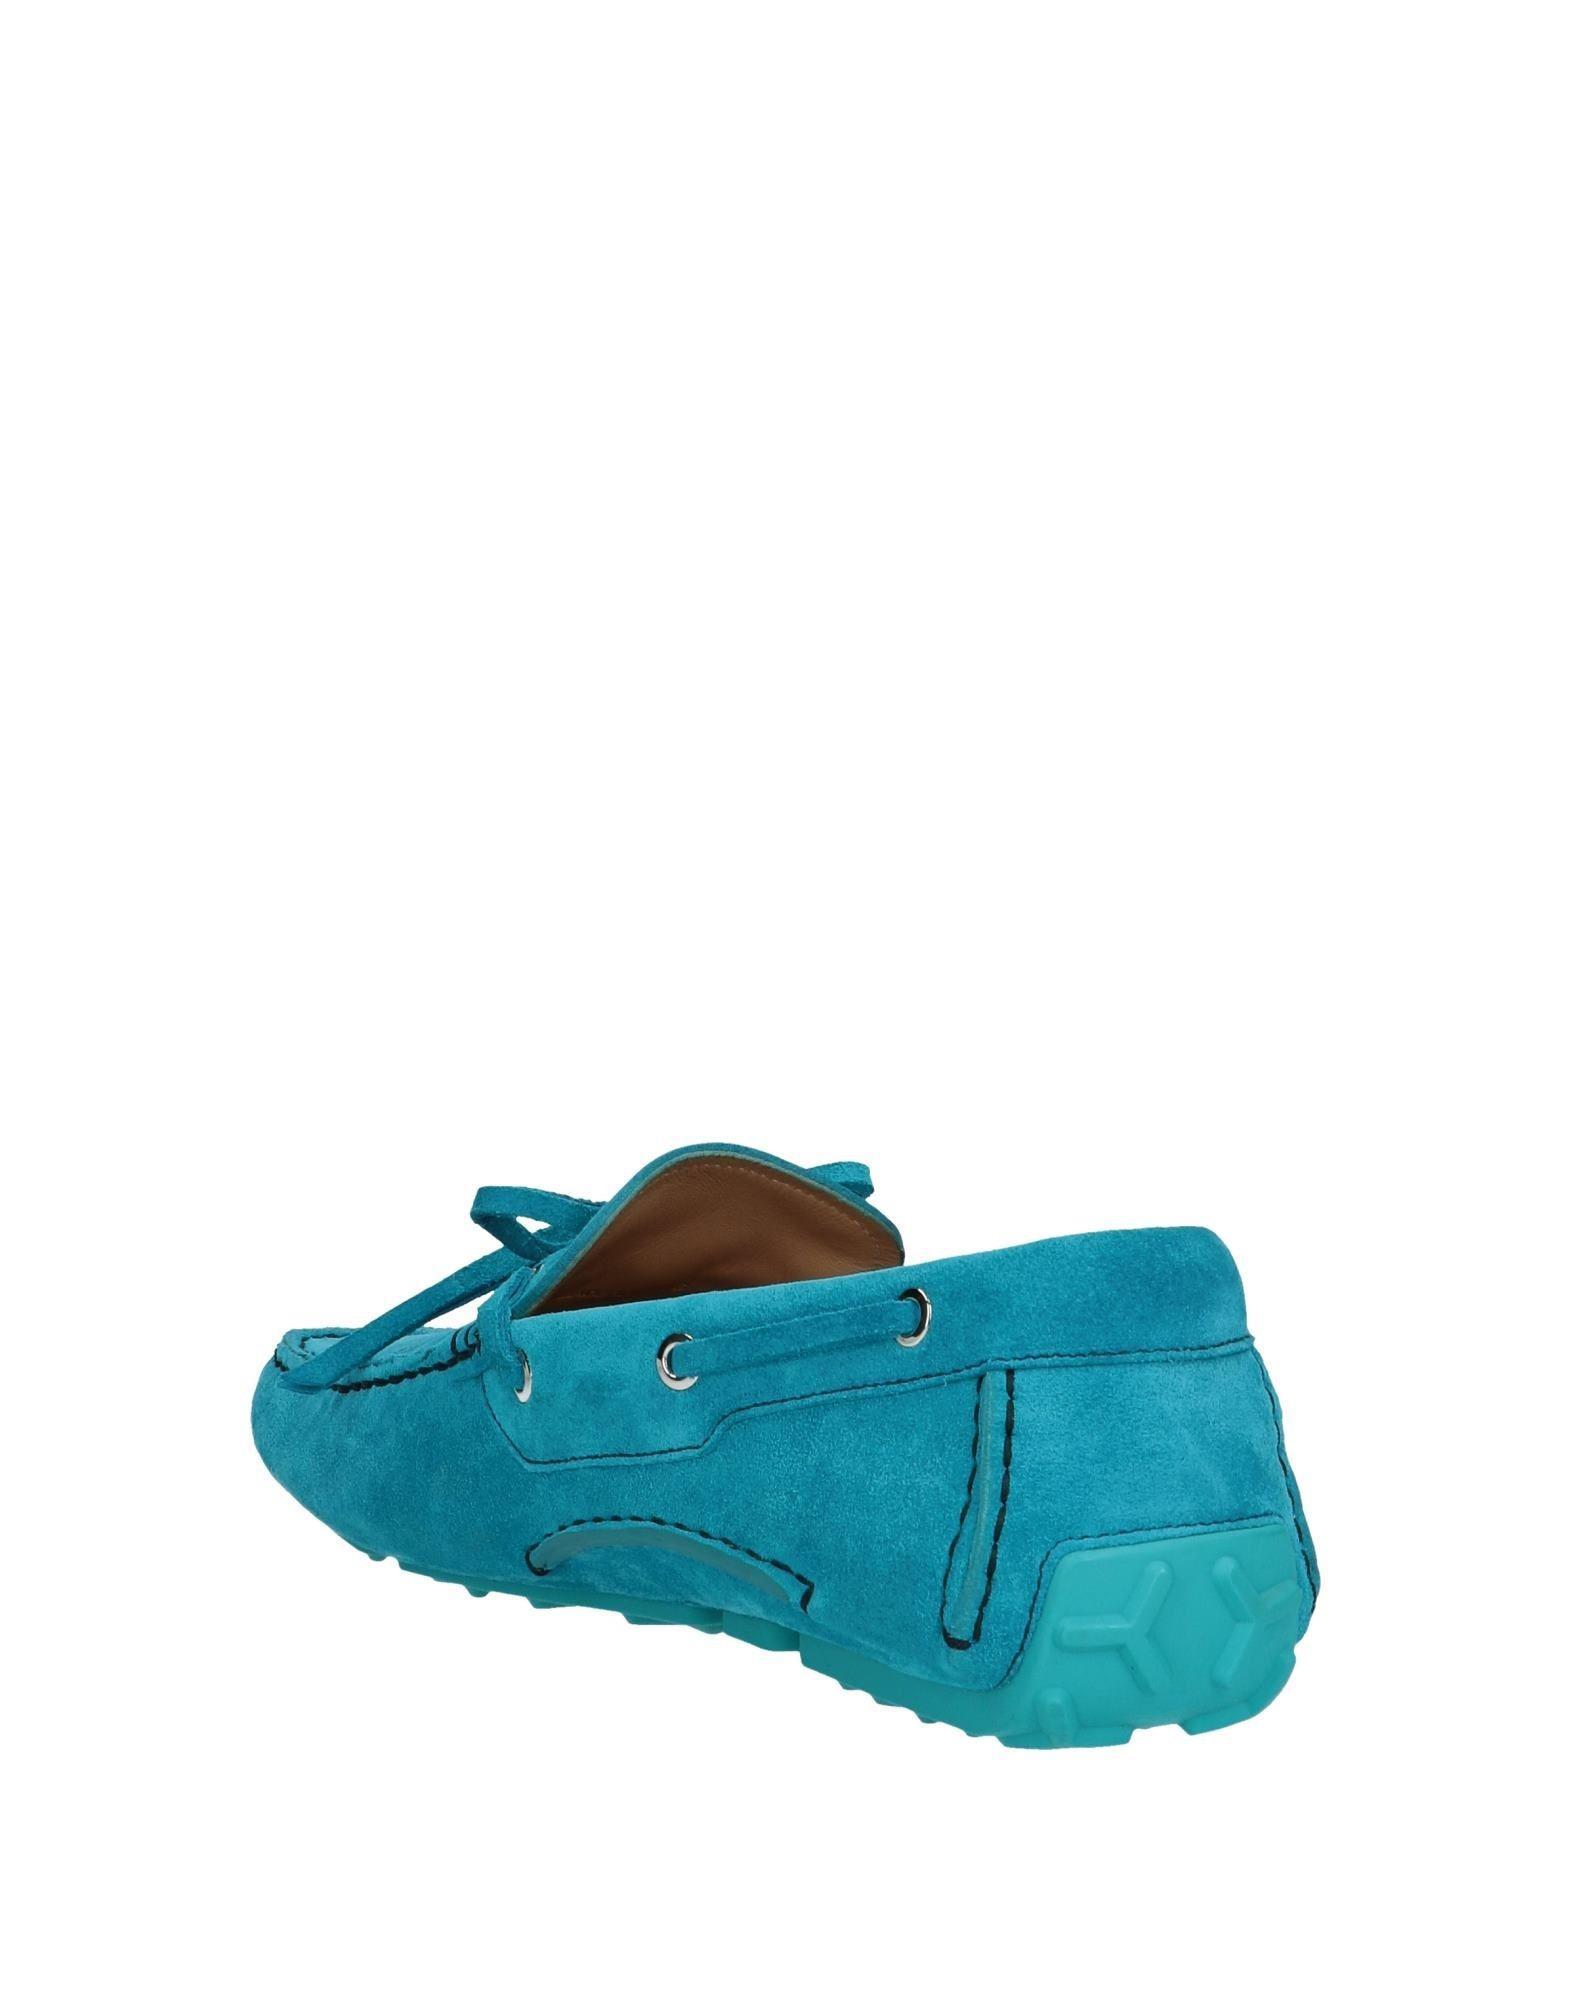 e009e014f81 Lyst - Bally Loafer in Blue for Men